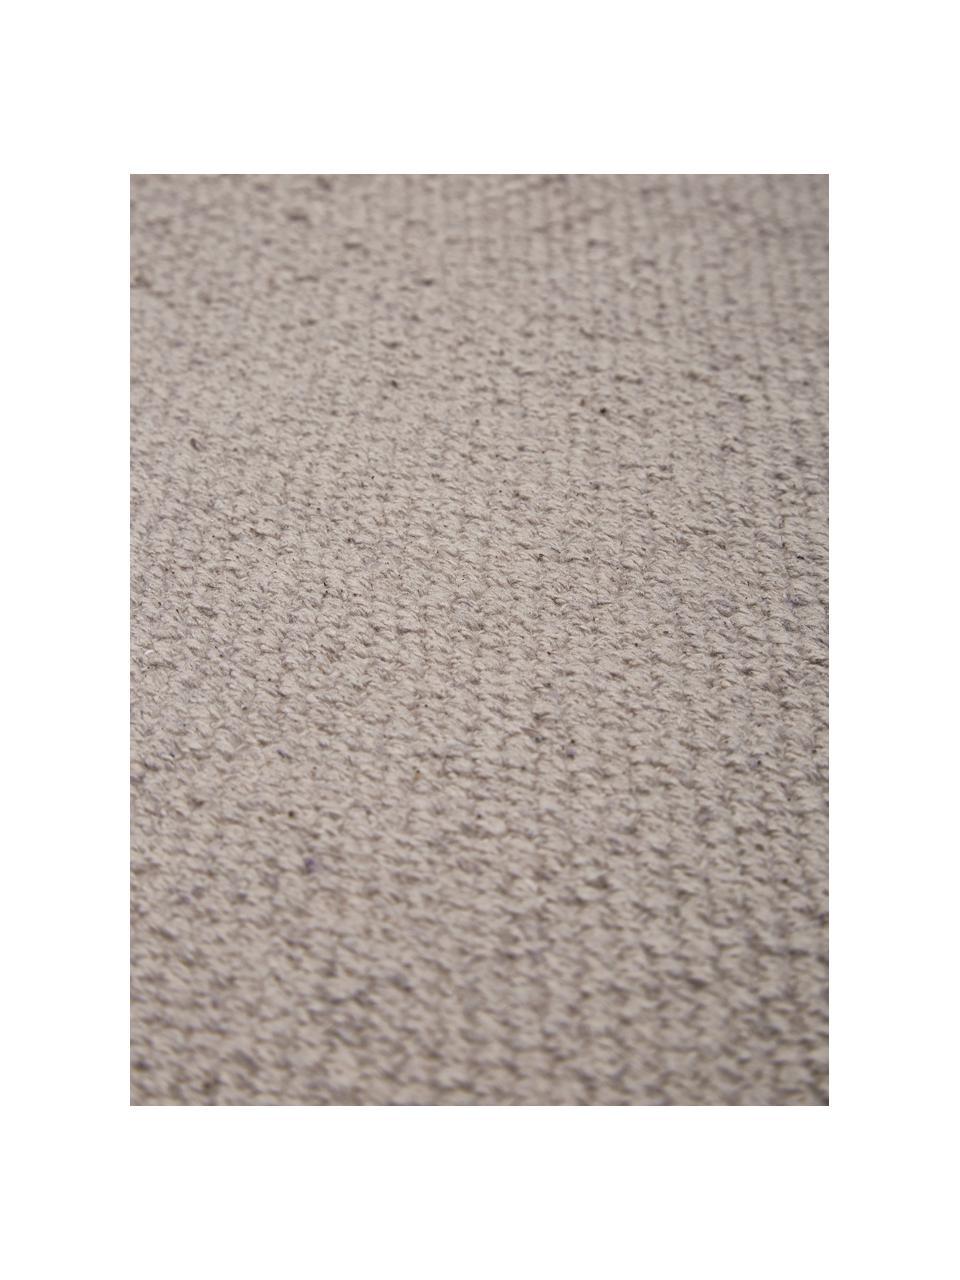 Tappeto in cotone tessuto a mano Agneta, 100% cotone, Grigio, Larg. 200 x Lung. 300 cm (taglia L)